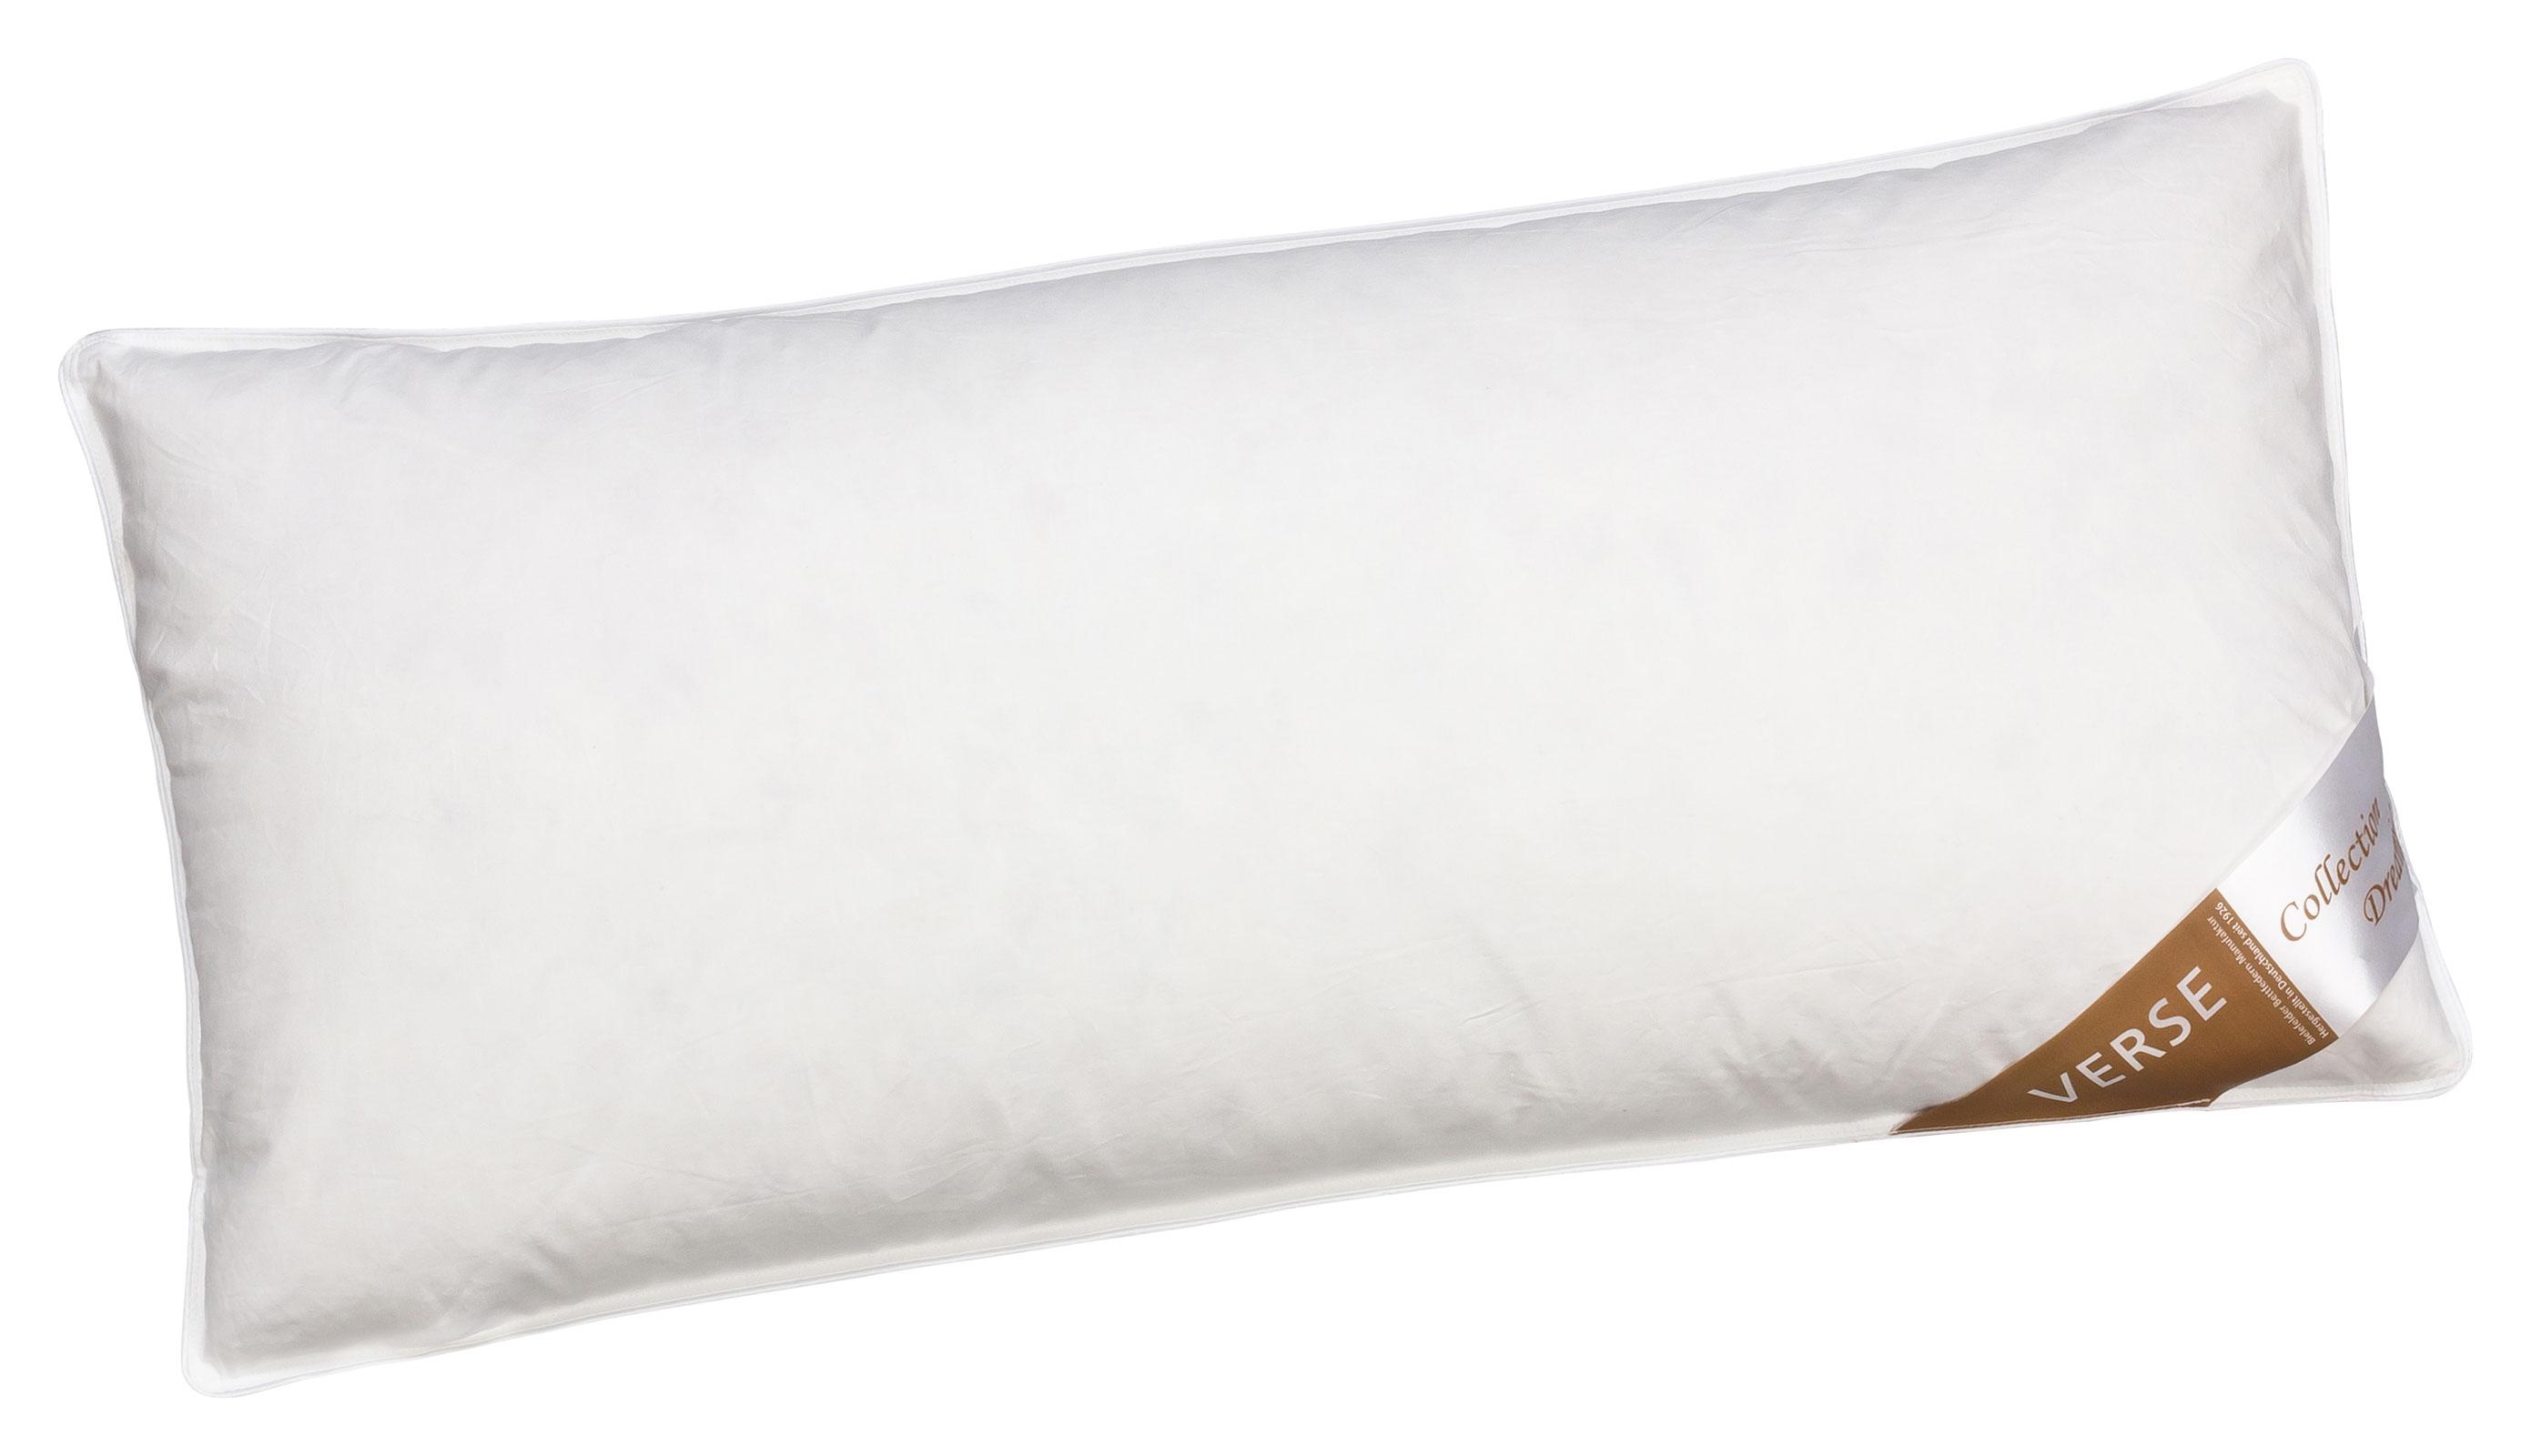 Bettdecken und Kopfkissen - Kopfkissen Daunen Kissen 40x80 weich 650g 70 Federn 30 Daunen Verse Collection Dreaming  - Onlineshop PremiumShop321